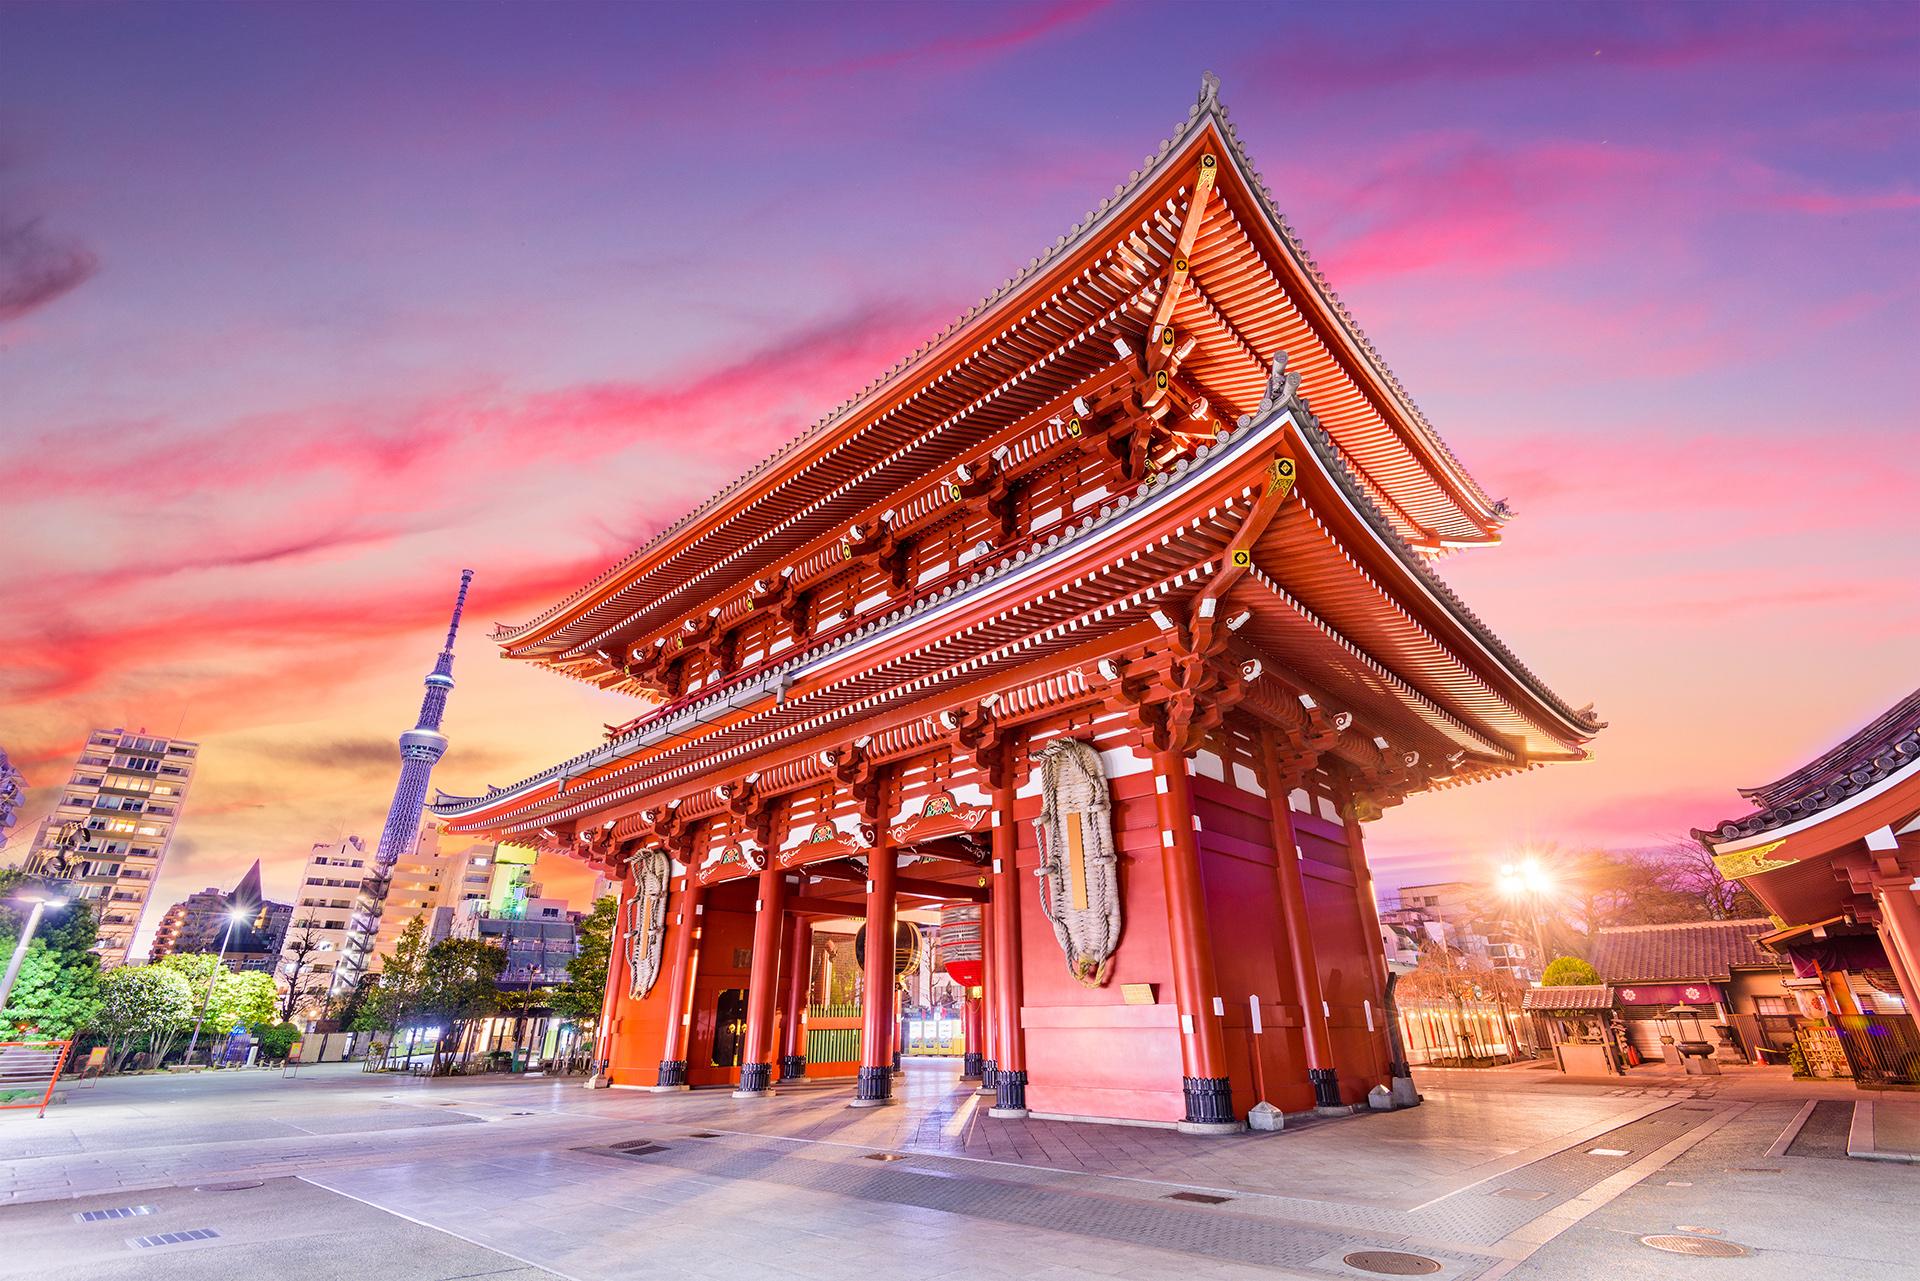 Es la ciudad perfecta que combina lo histórico con lo ultramoderno de una manera que no se hace en otros lugares